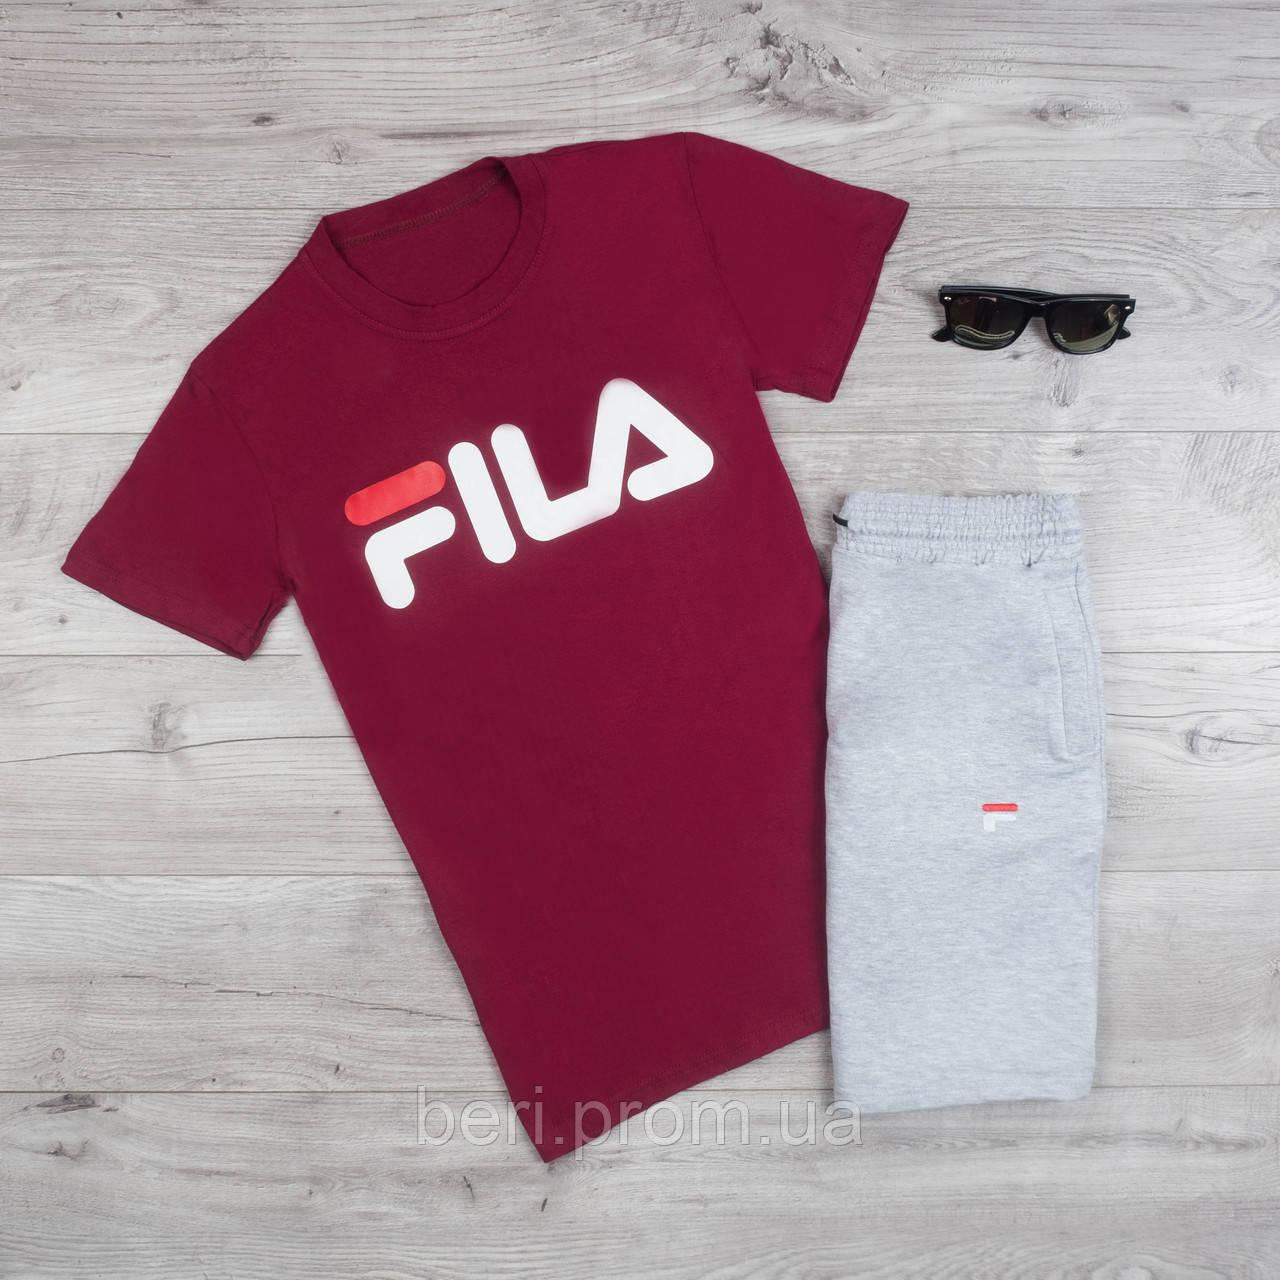 4f08287c Мужской летний спортивный костюм, комплект шорты и футболка Fila | Фила,  Філа (Бордово